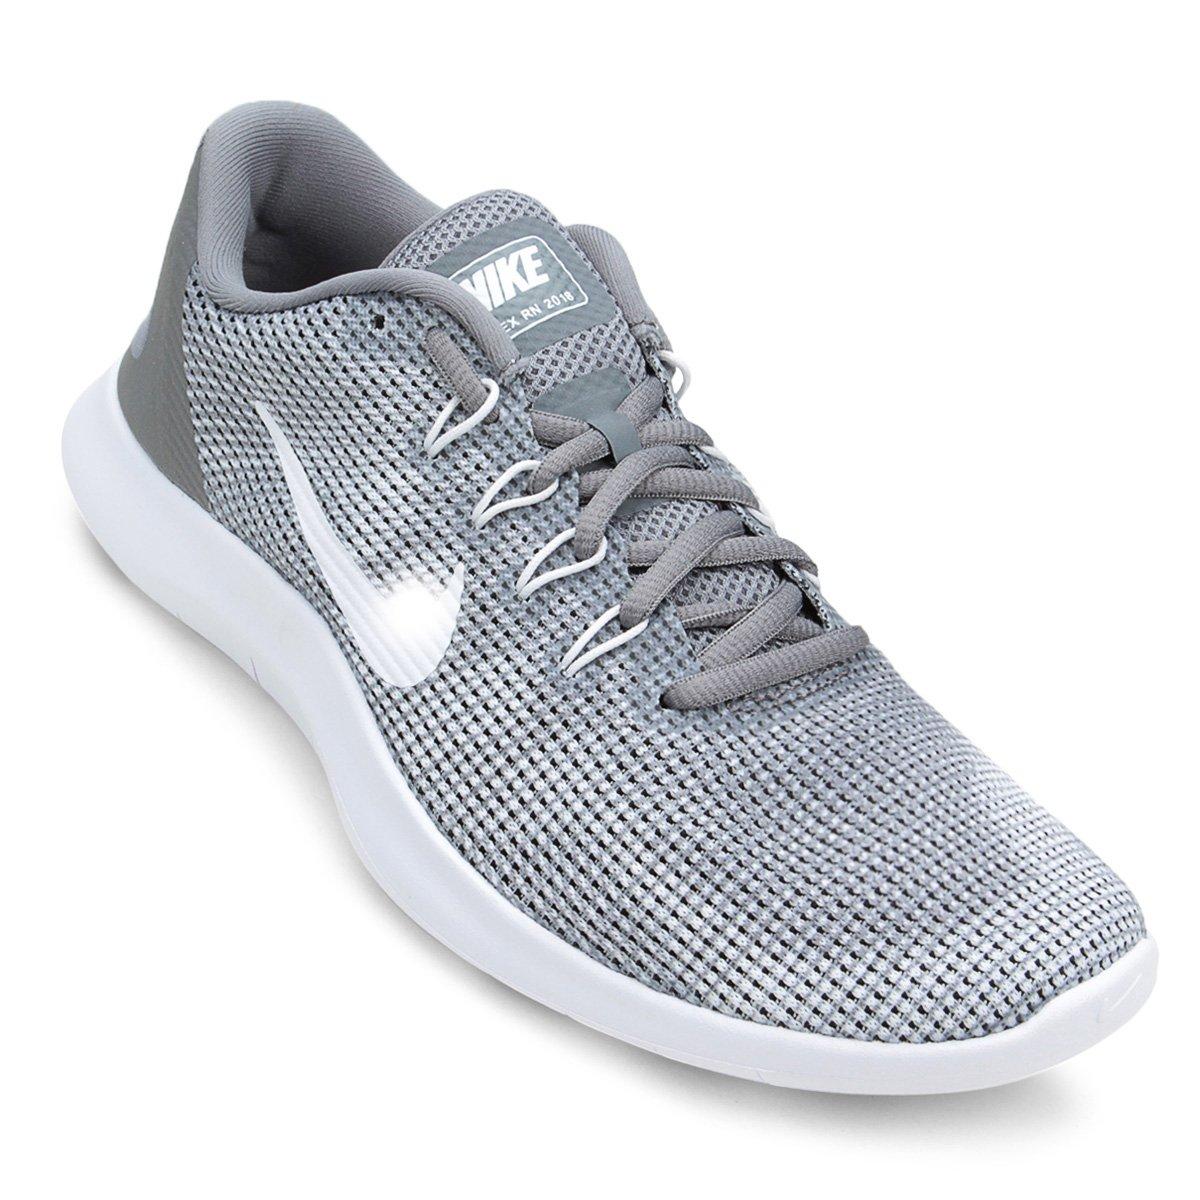 patrones de moda materiales de alta calidad mejor autentico Tênis Nike Flex 2018 Rn Masculino - Cinza e Branco